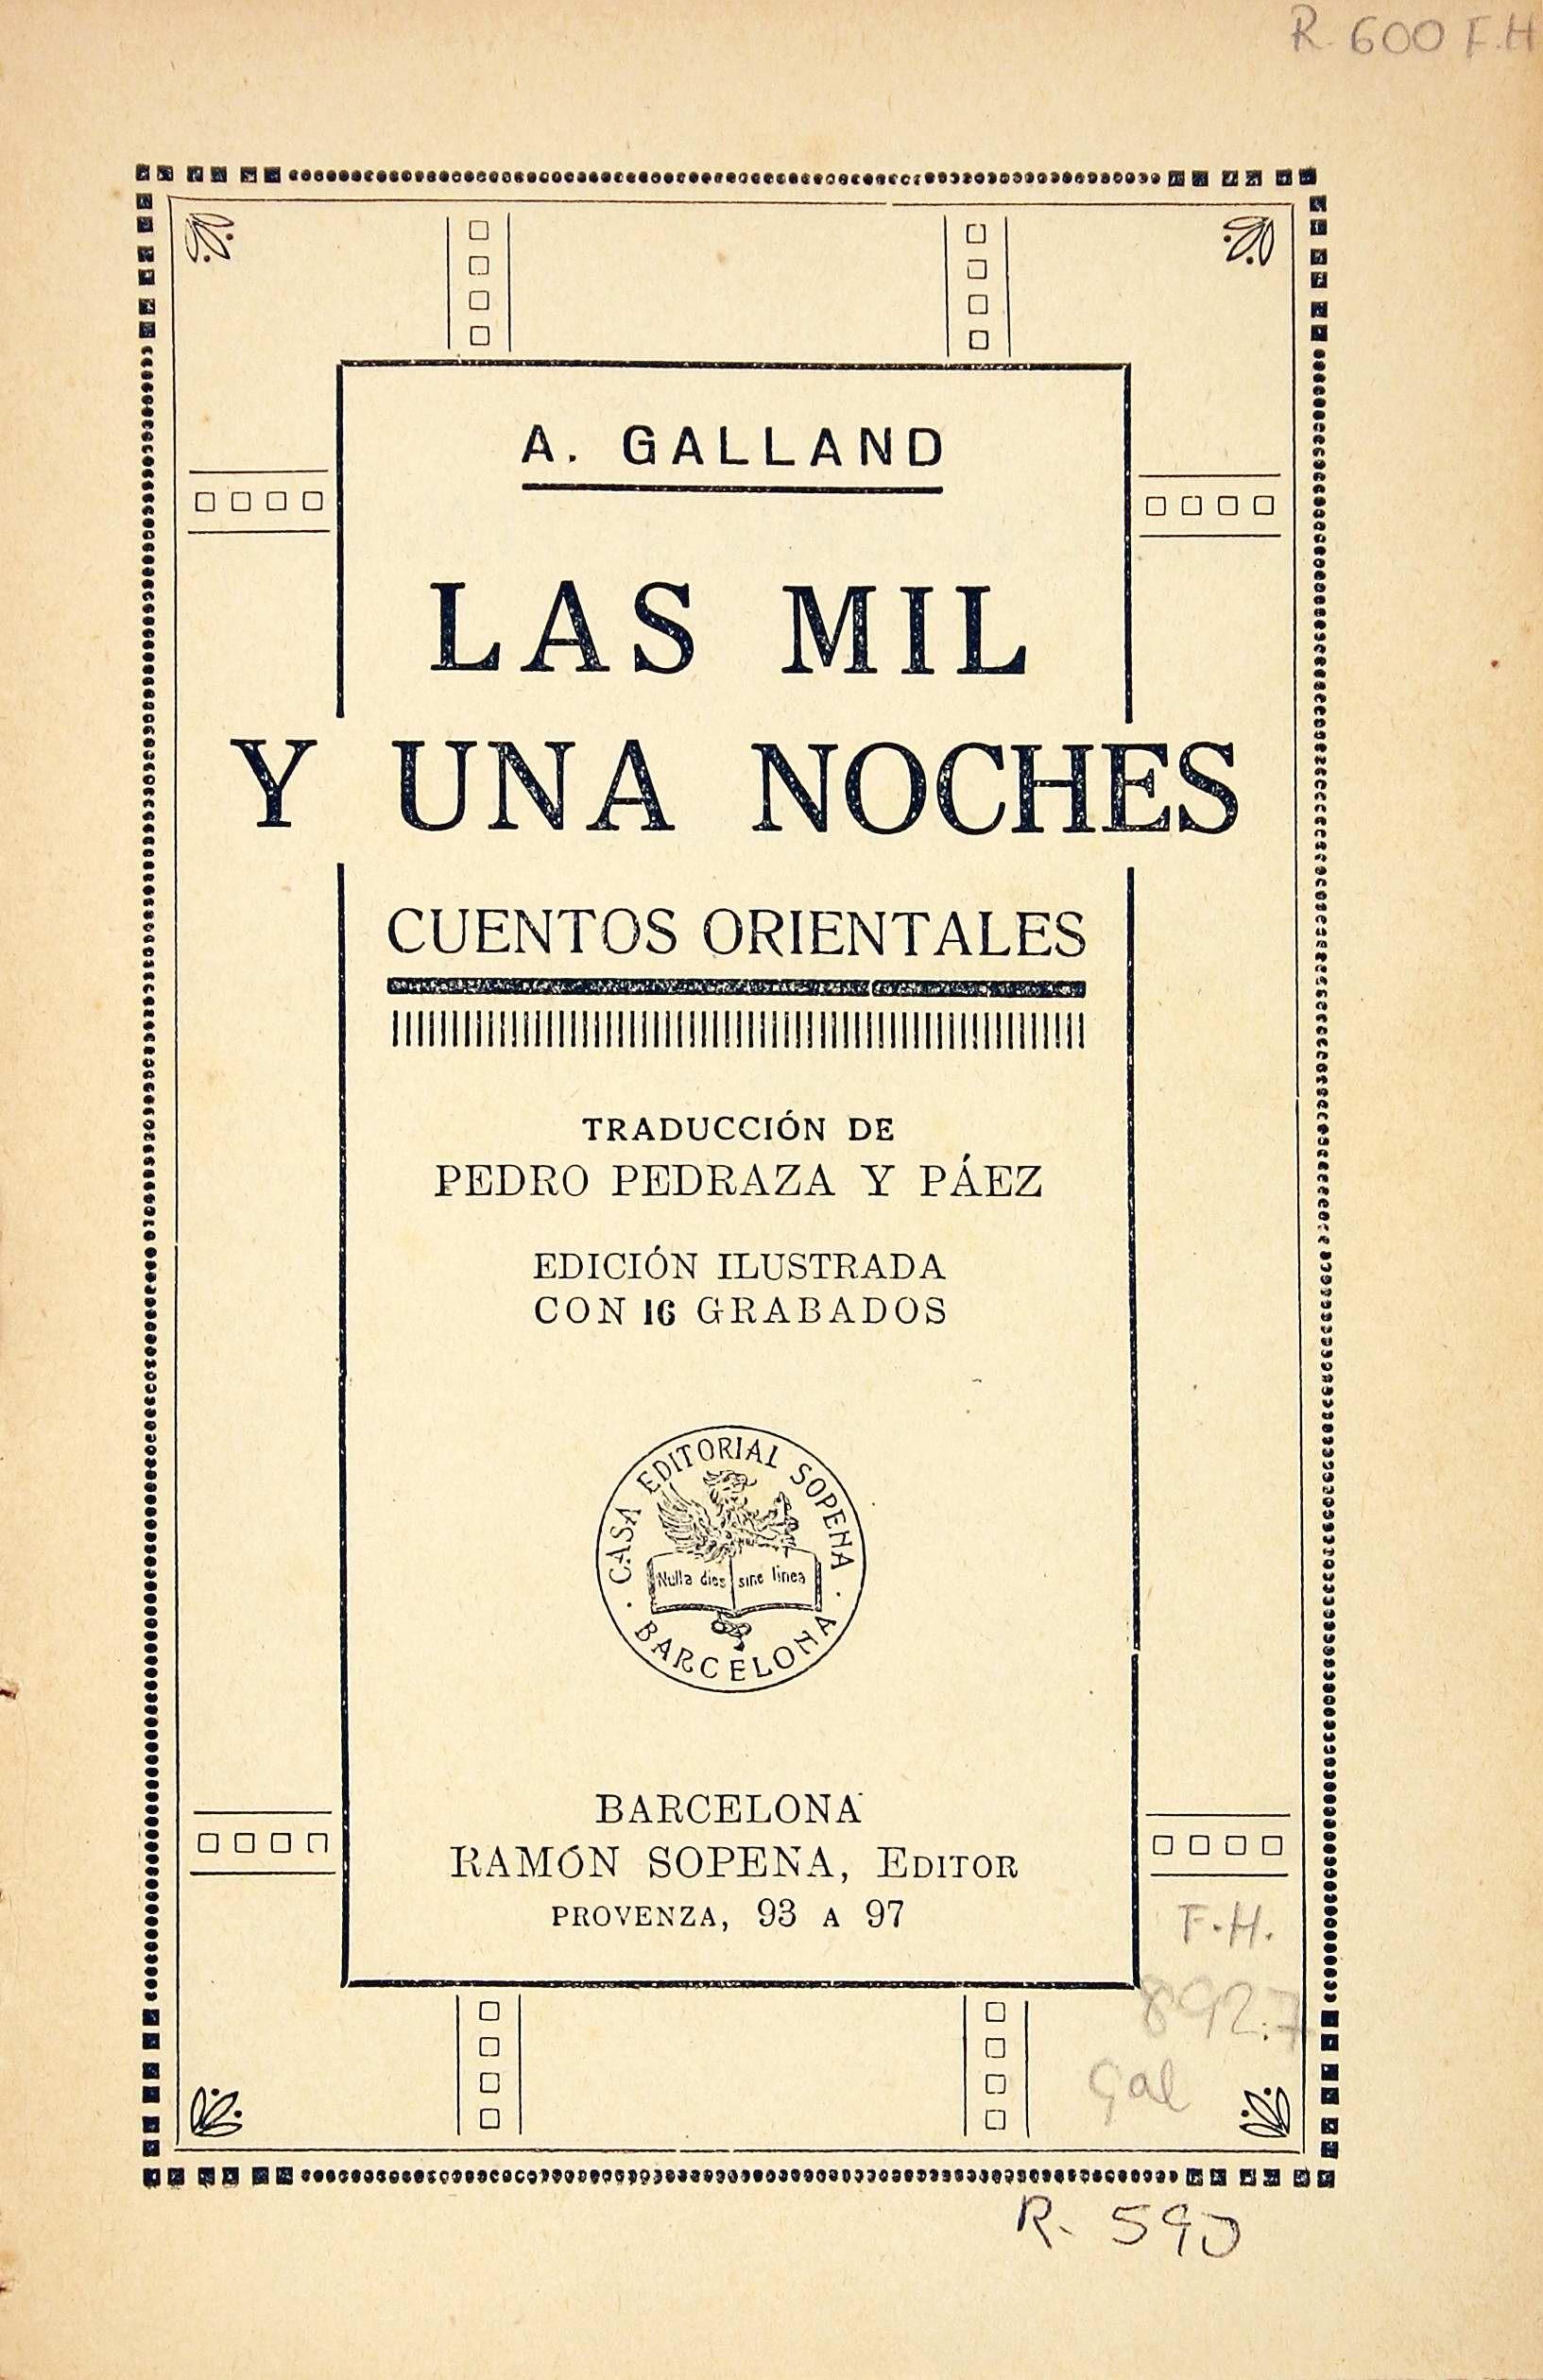 Las Mil Y Una Noches Cuentos Orientales A Galland Traducción De Pedro Pedraza Y Páez 1942 Las Mil Y Una Noches Cuentos Libros Infantiles